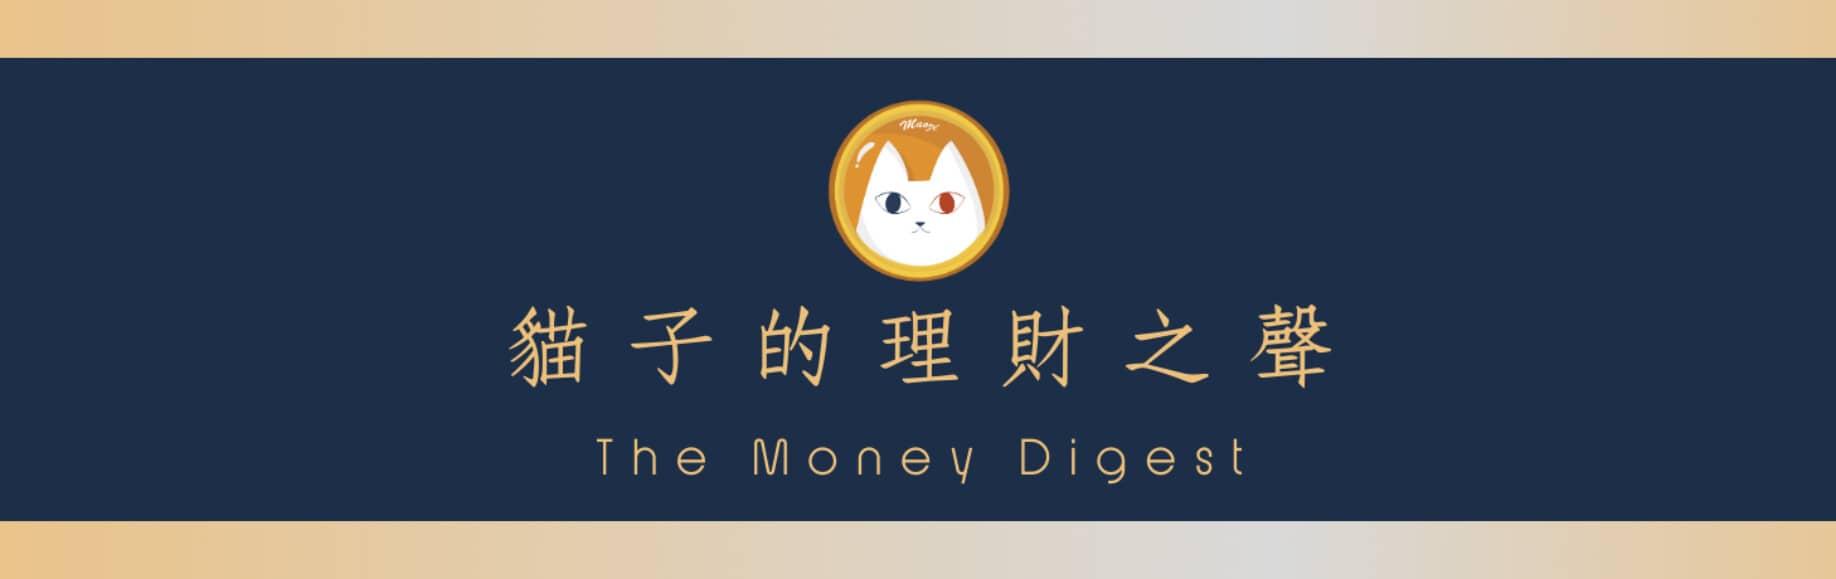 貓子的理財之聲(The Money Digest)